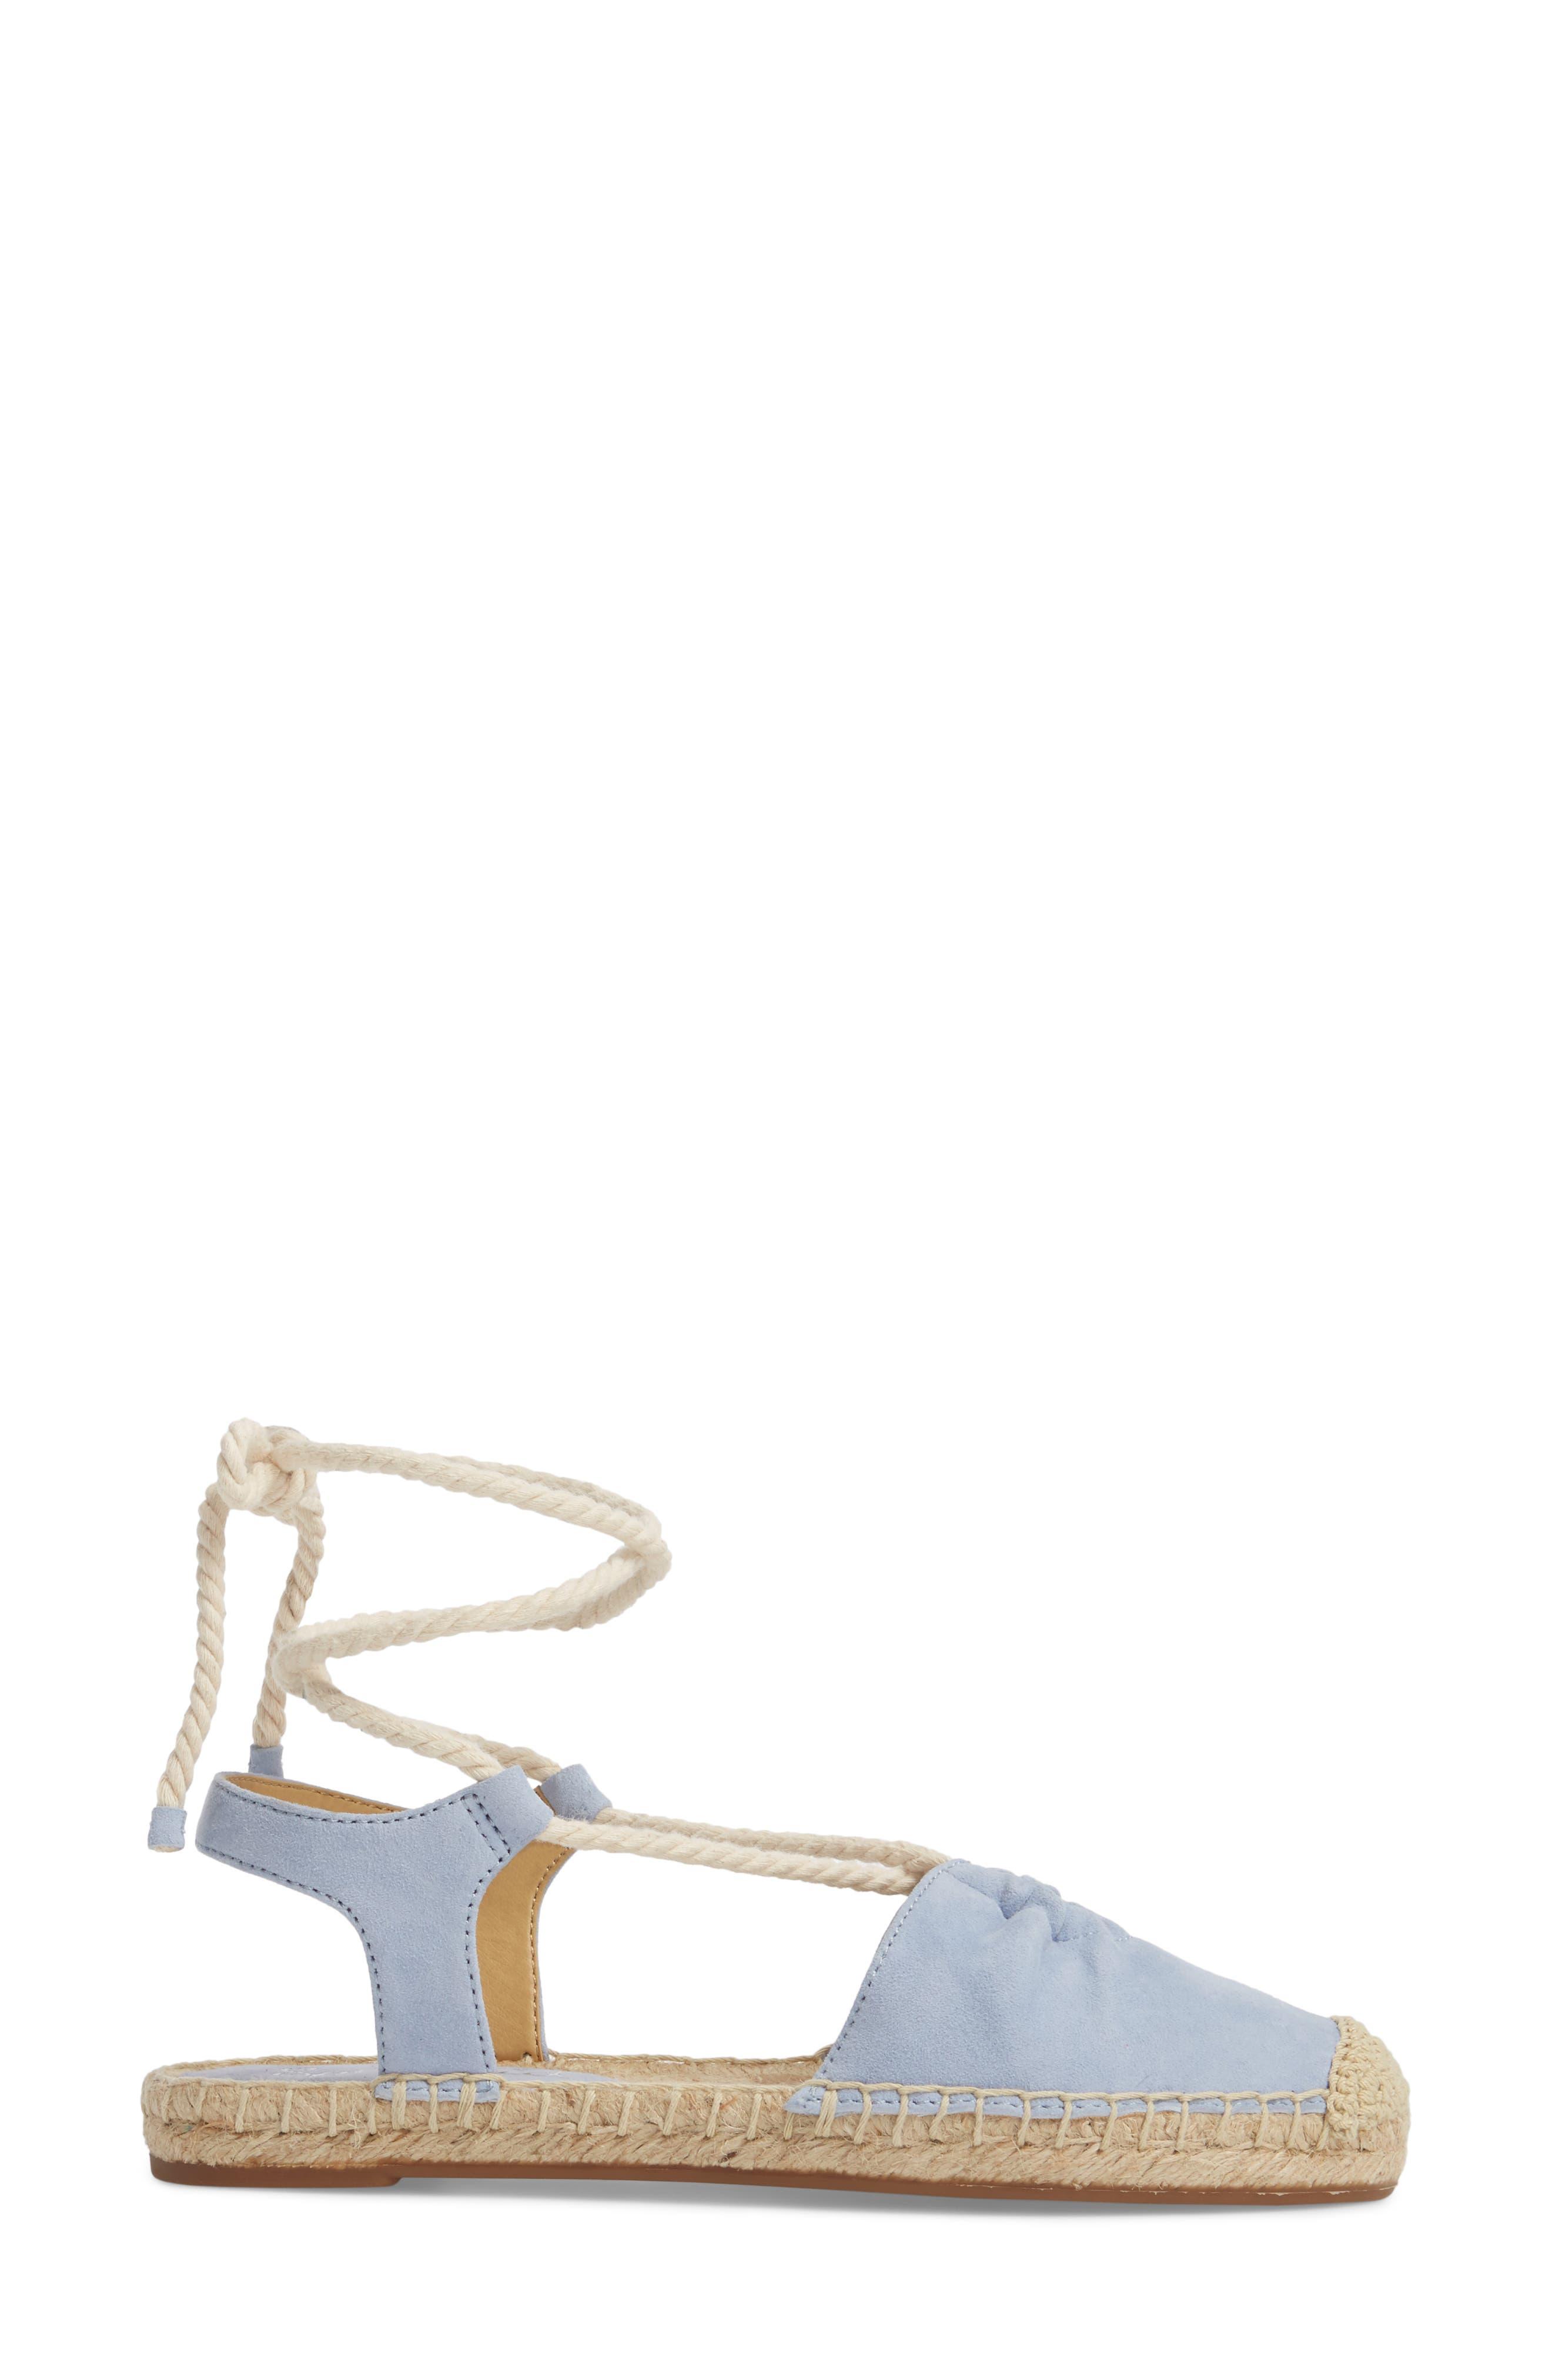 Frey Ankle Tie Espadrille Flat,                             Alternate thumbnail 3, color,                             Lavender Blue Suede